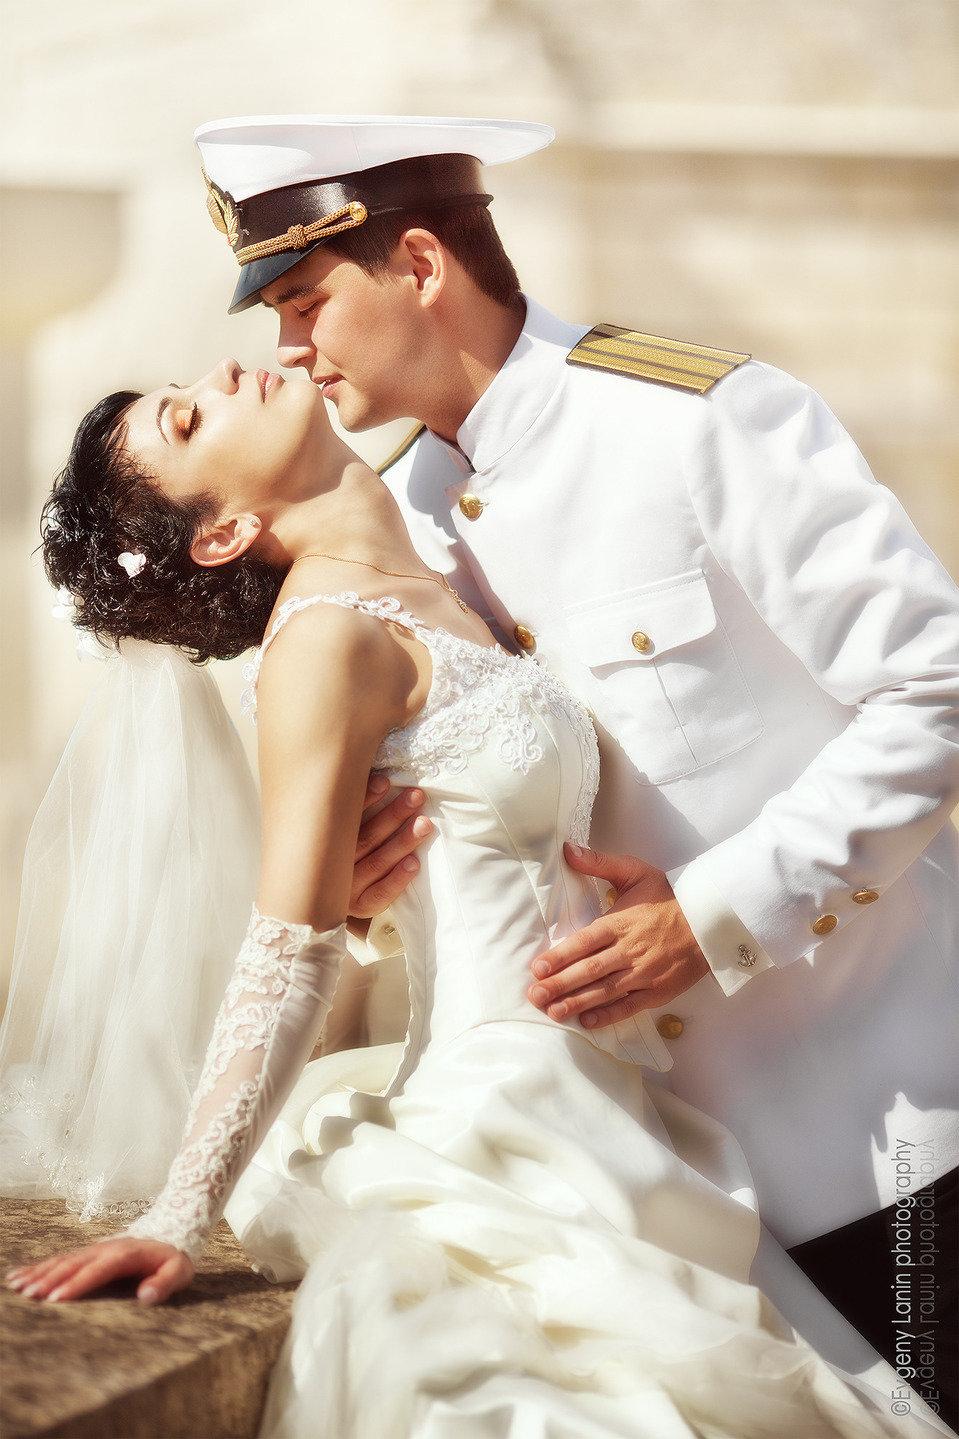 тарасов невеста военного картинки красная представлена